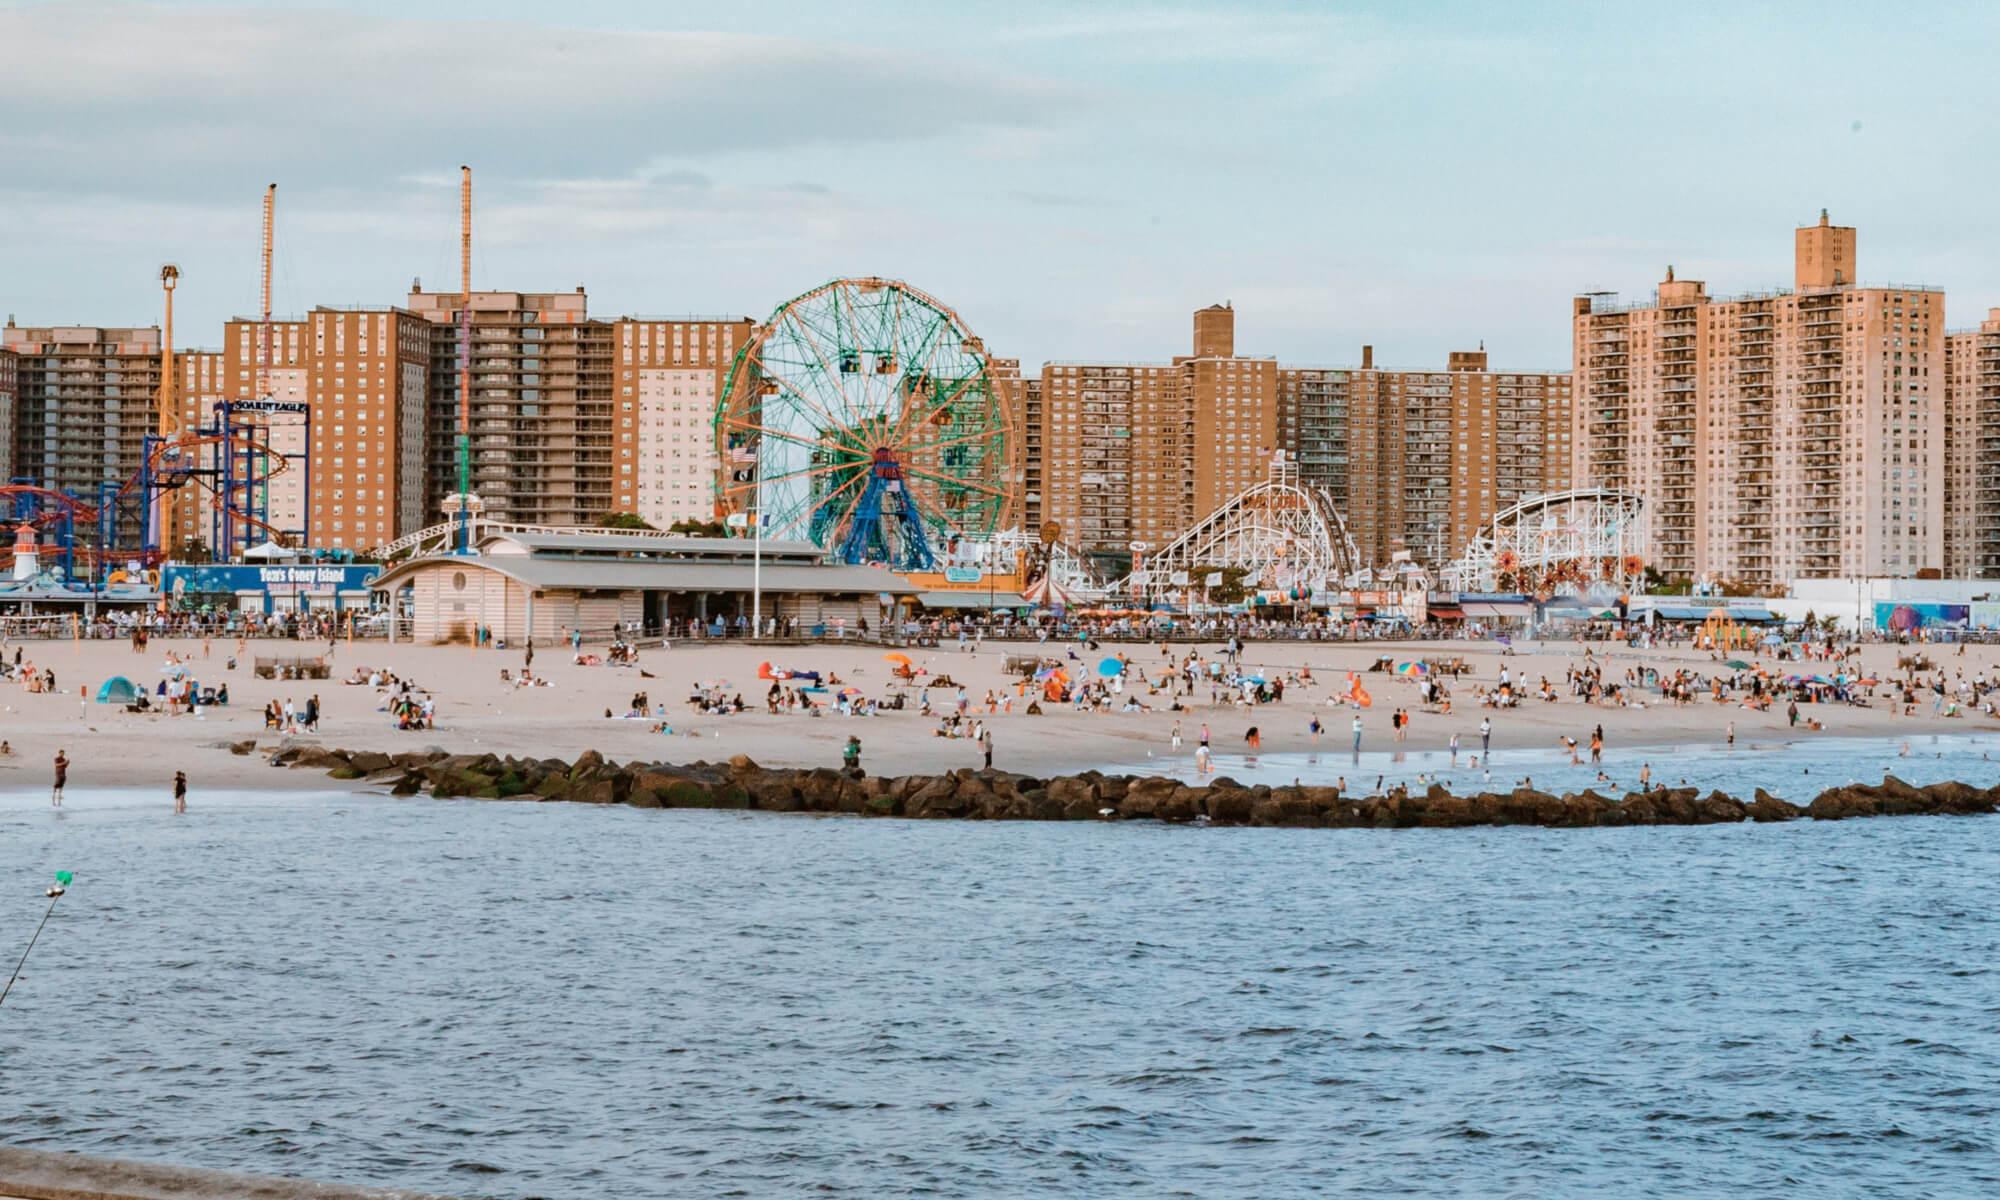 Coney Island in Brooklyn